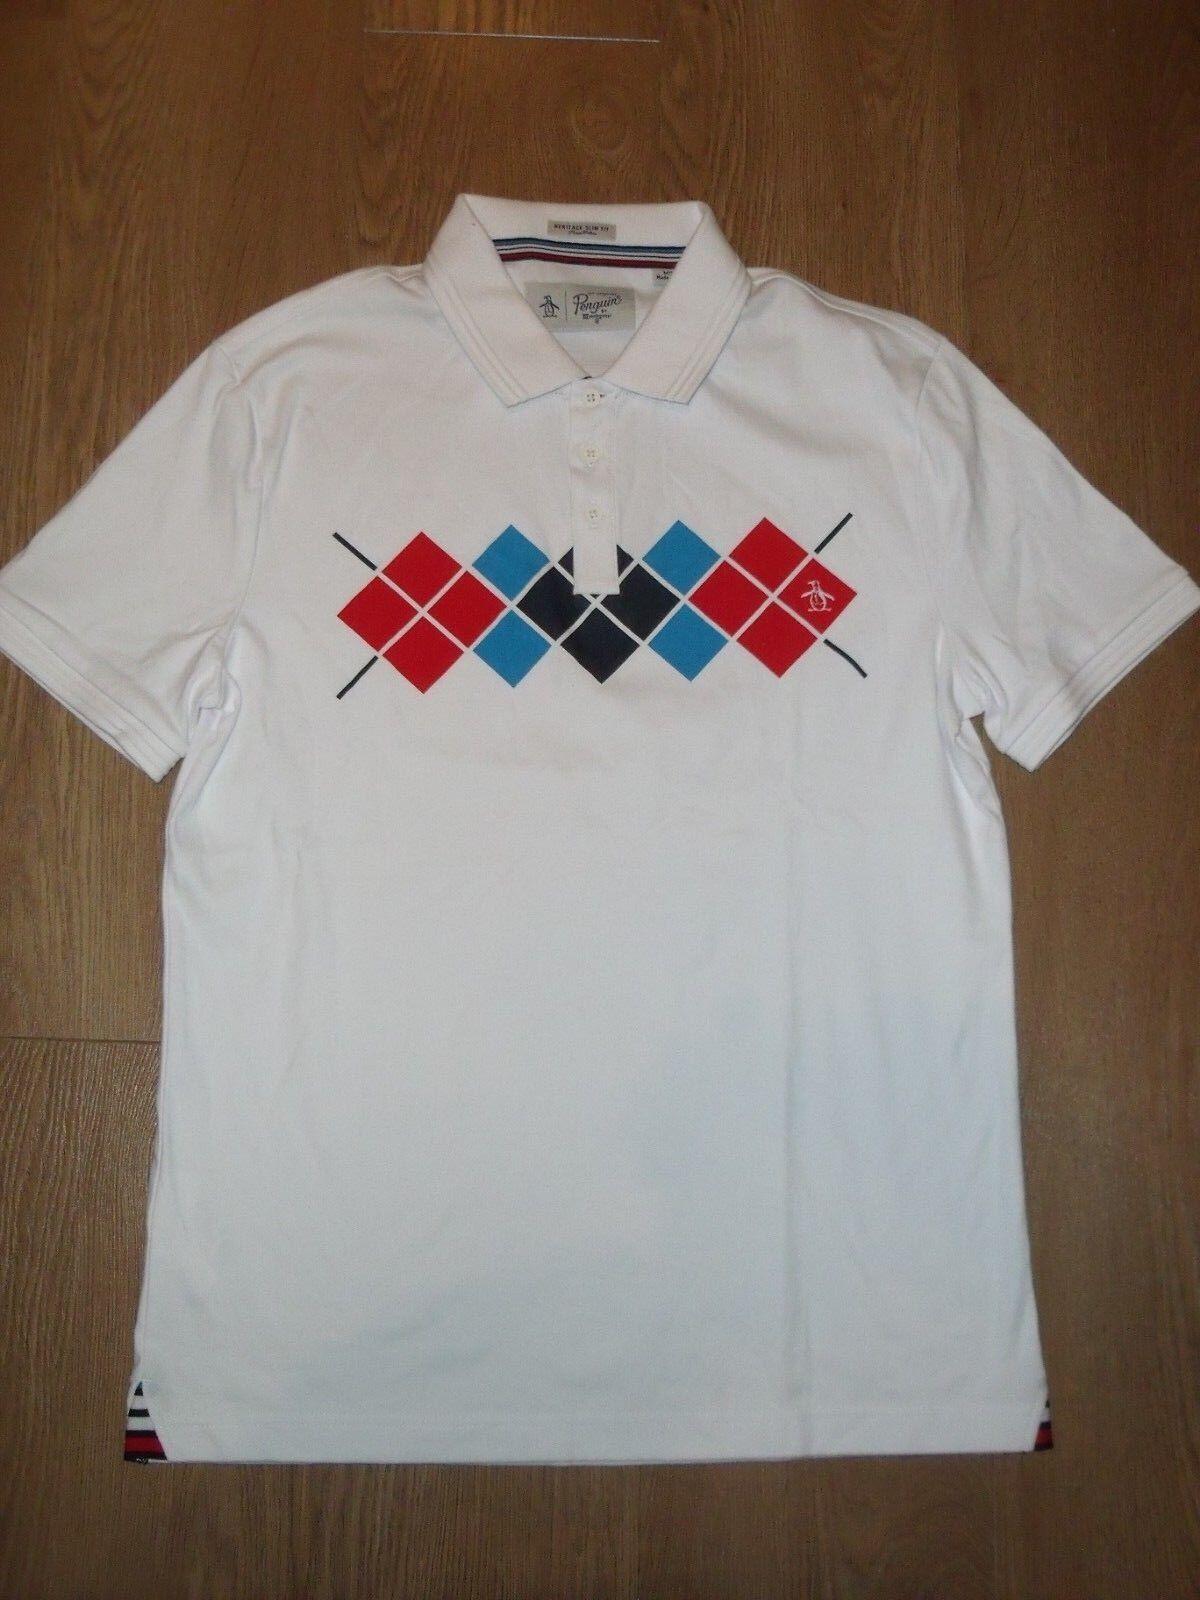 Original Penguin Pima Baumwolle Weiß Quadratisches Muster   Polo HEMD M Schmal  | Clearance Sale  | Moderne Technologie  | Genialität